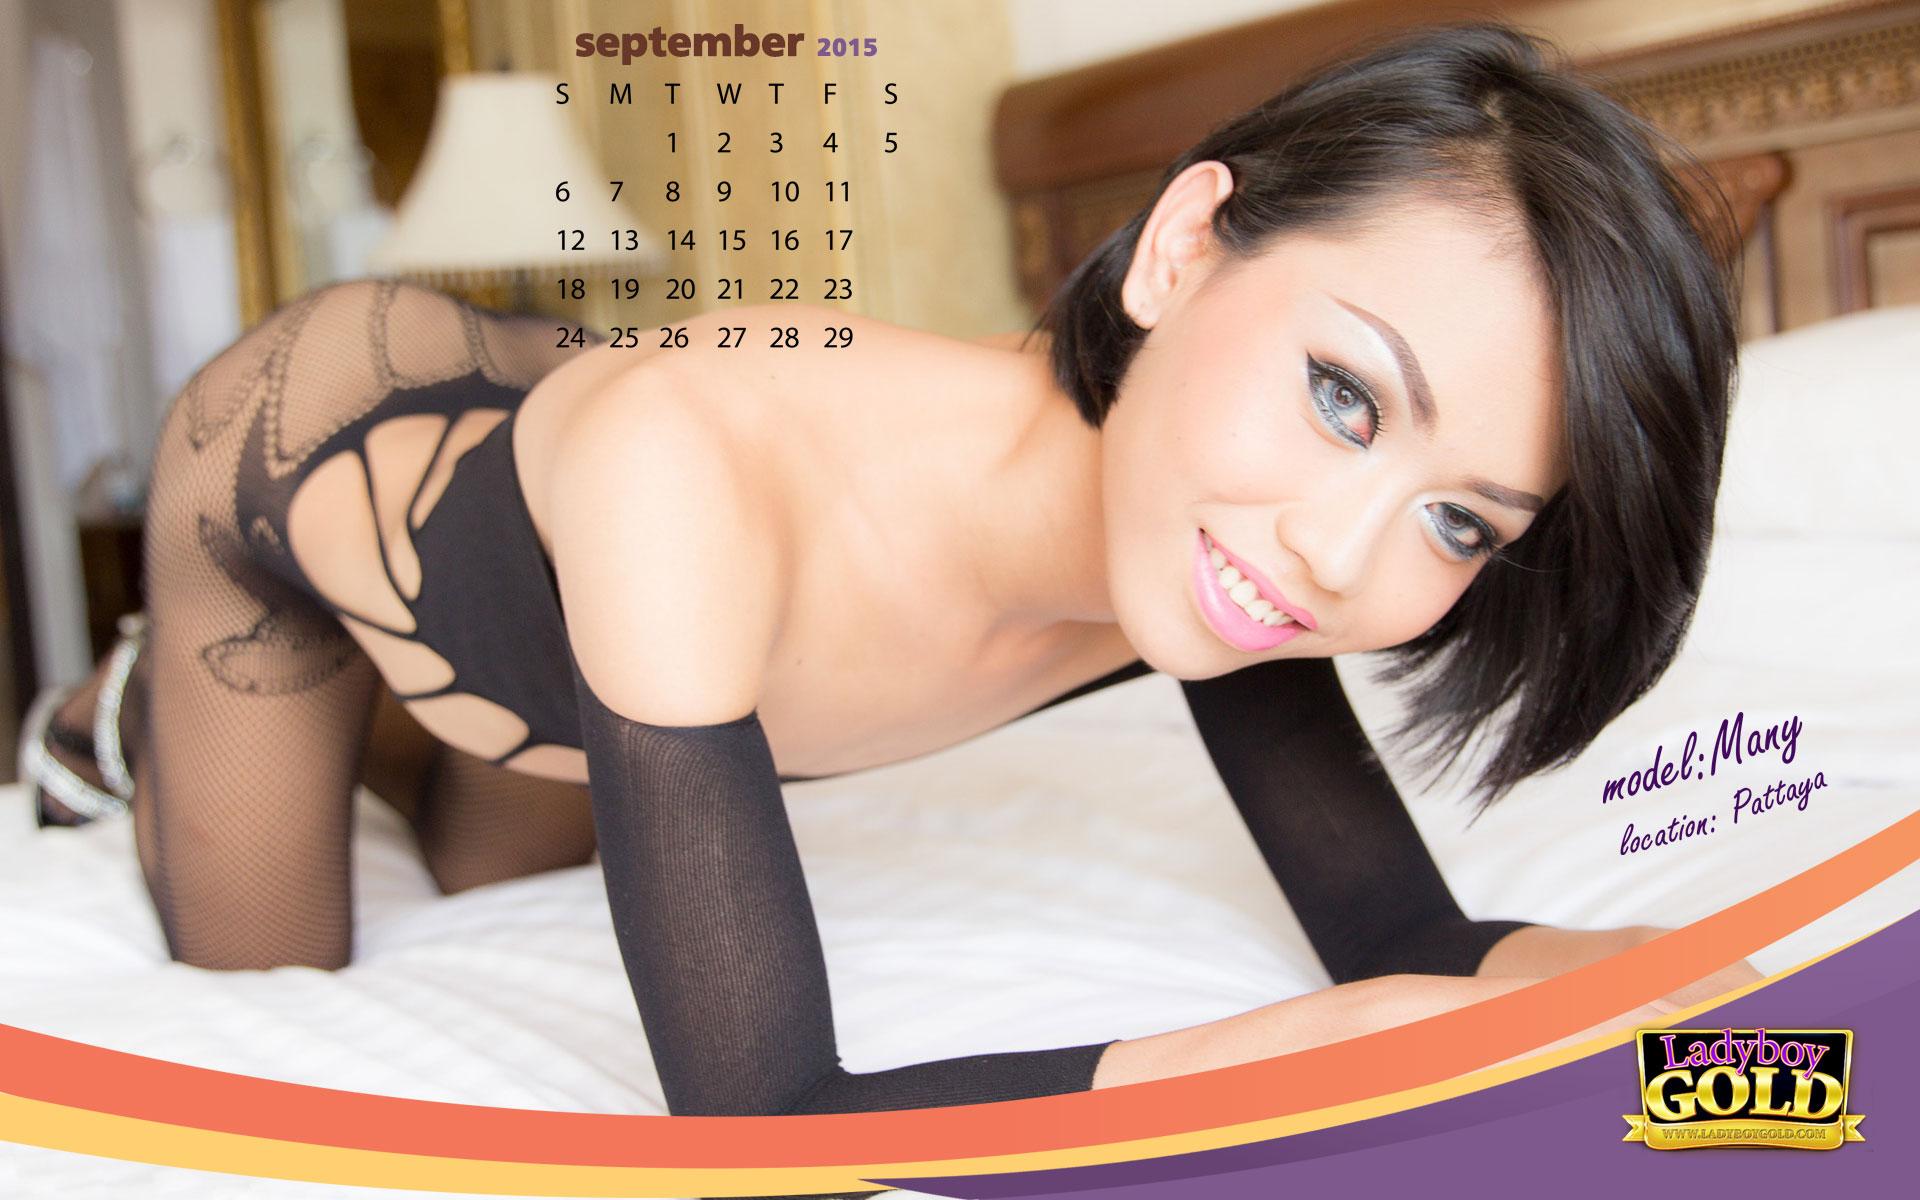 Ladyboy Calendar 2015